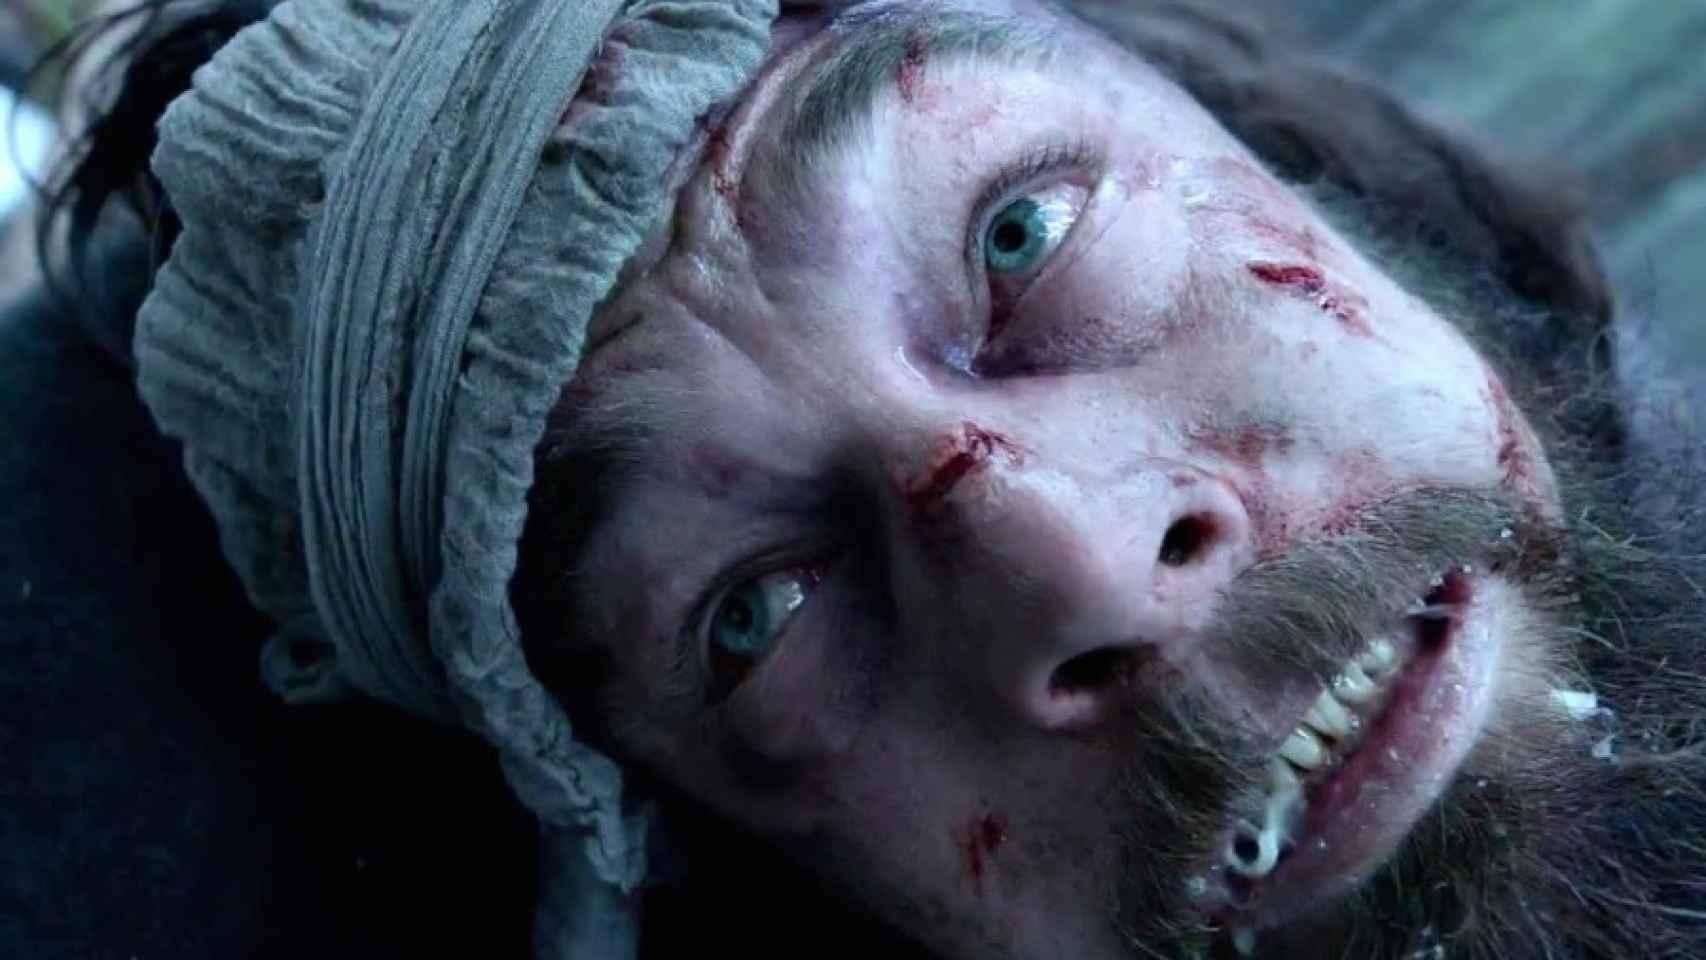 DiCaprio moribundo, de un lado para otro.